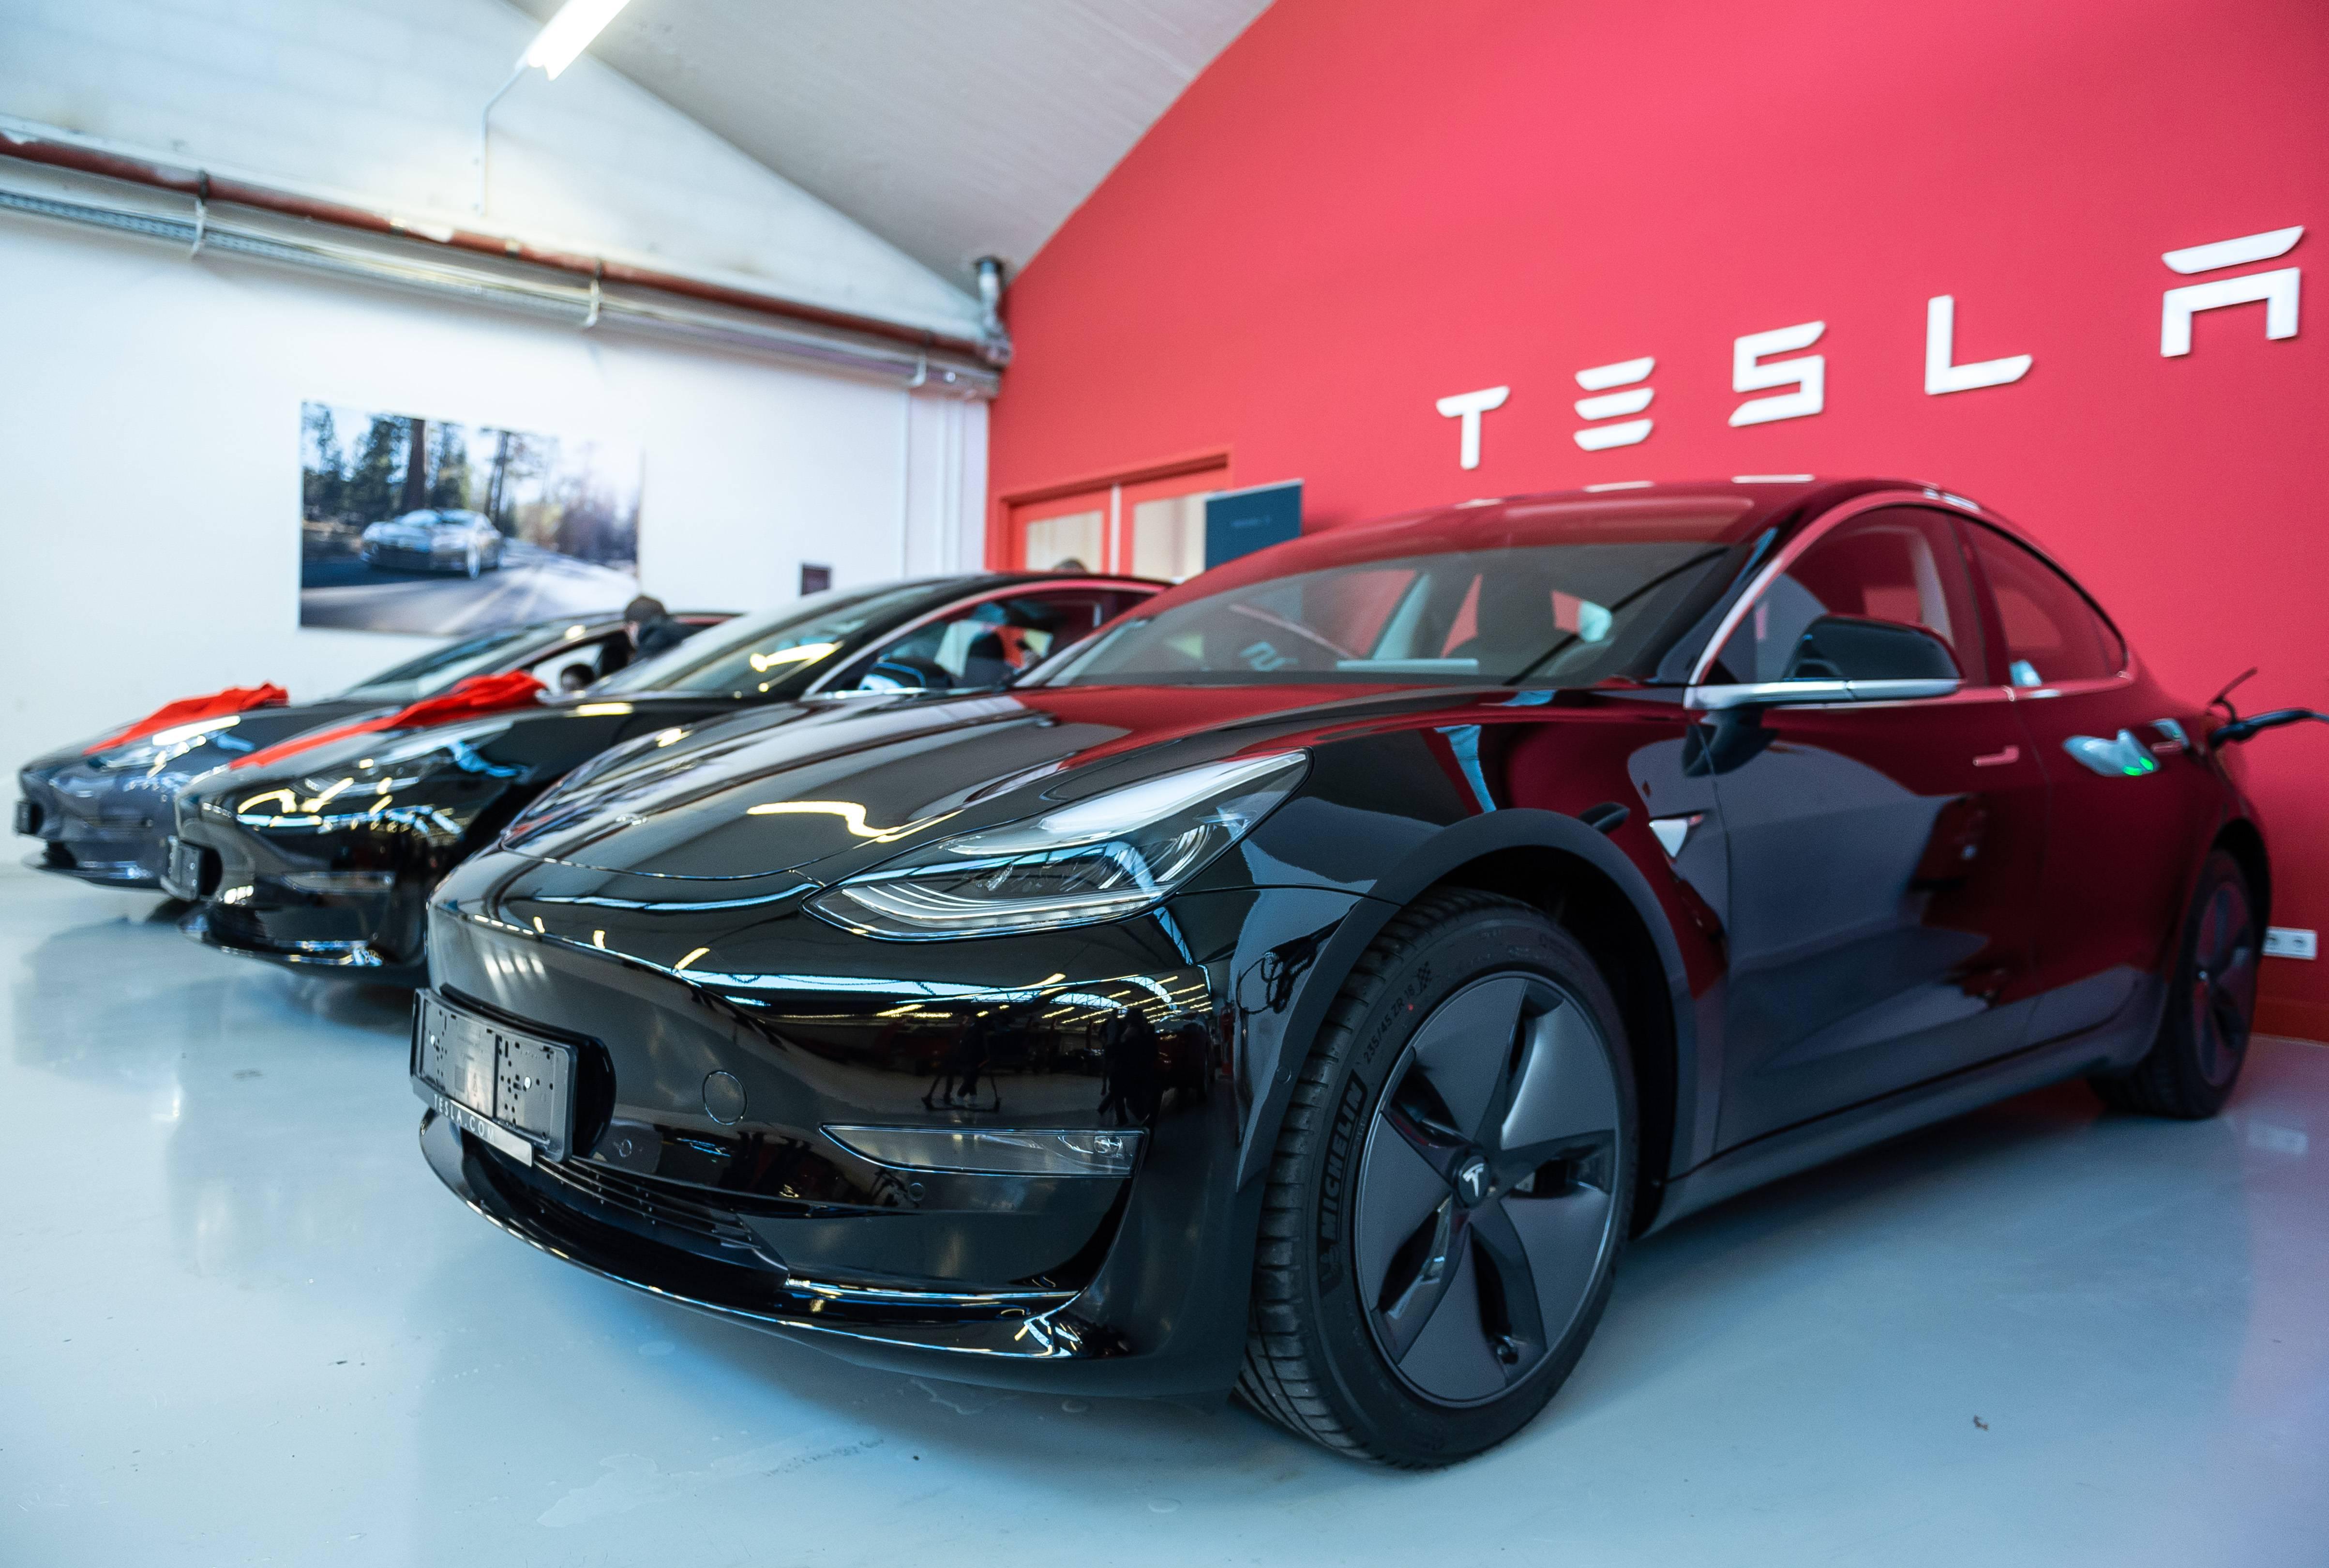 Elon Musk asegura que los vehículos de Tesla podrán ser completamente autónomos para 2020